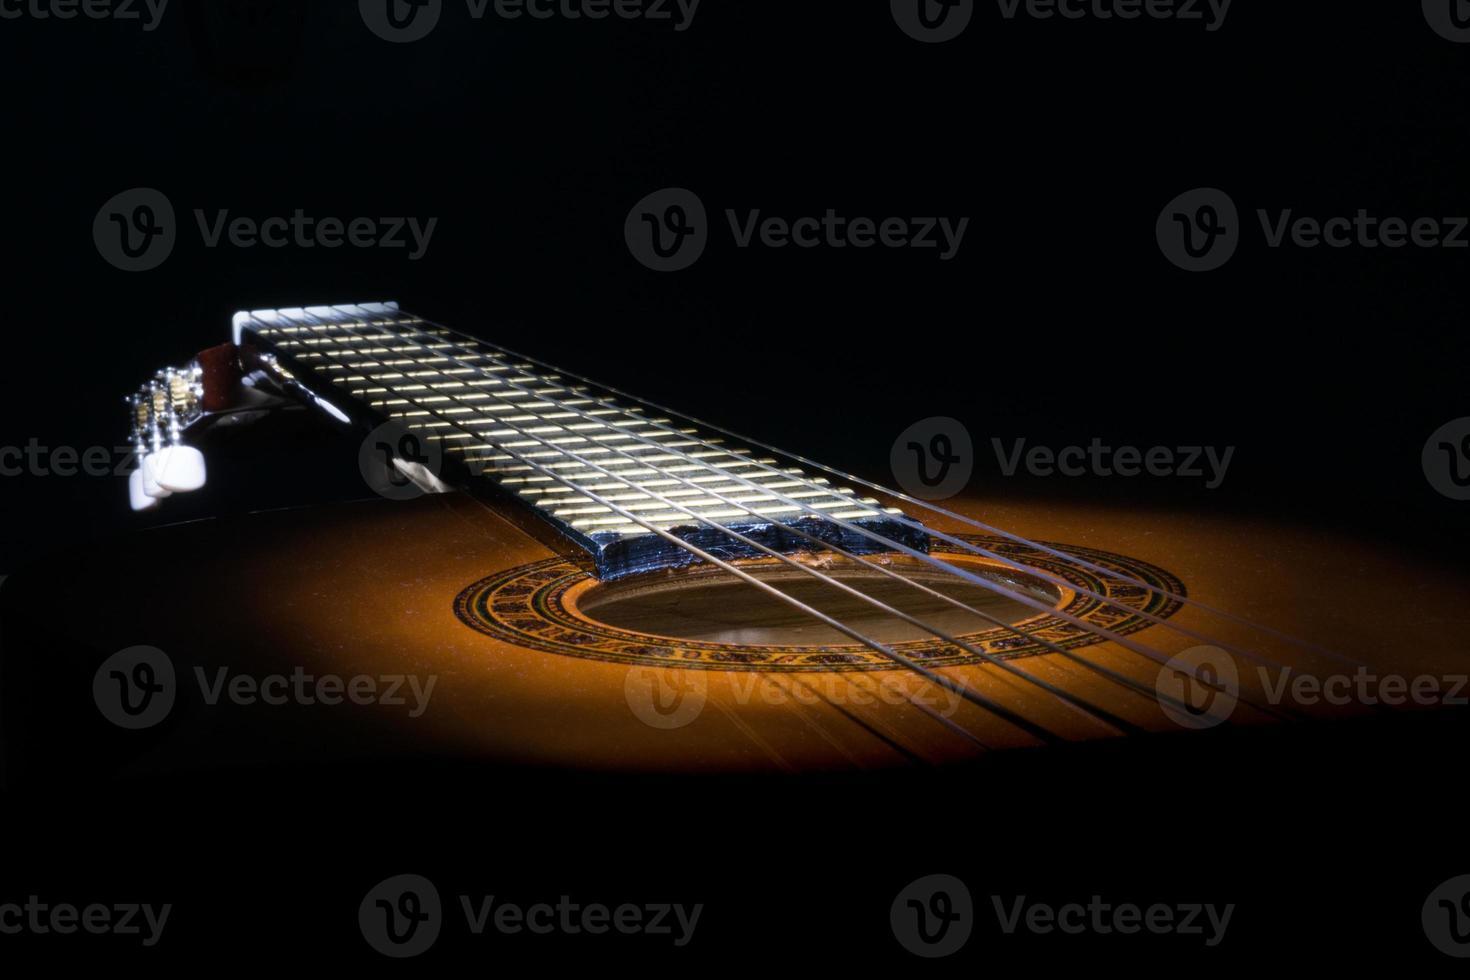 ovanlig utsikt över en akustisk gitarr upplyst och lyser i mörkret foto